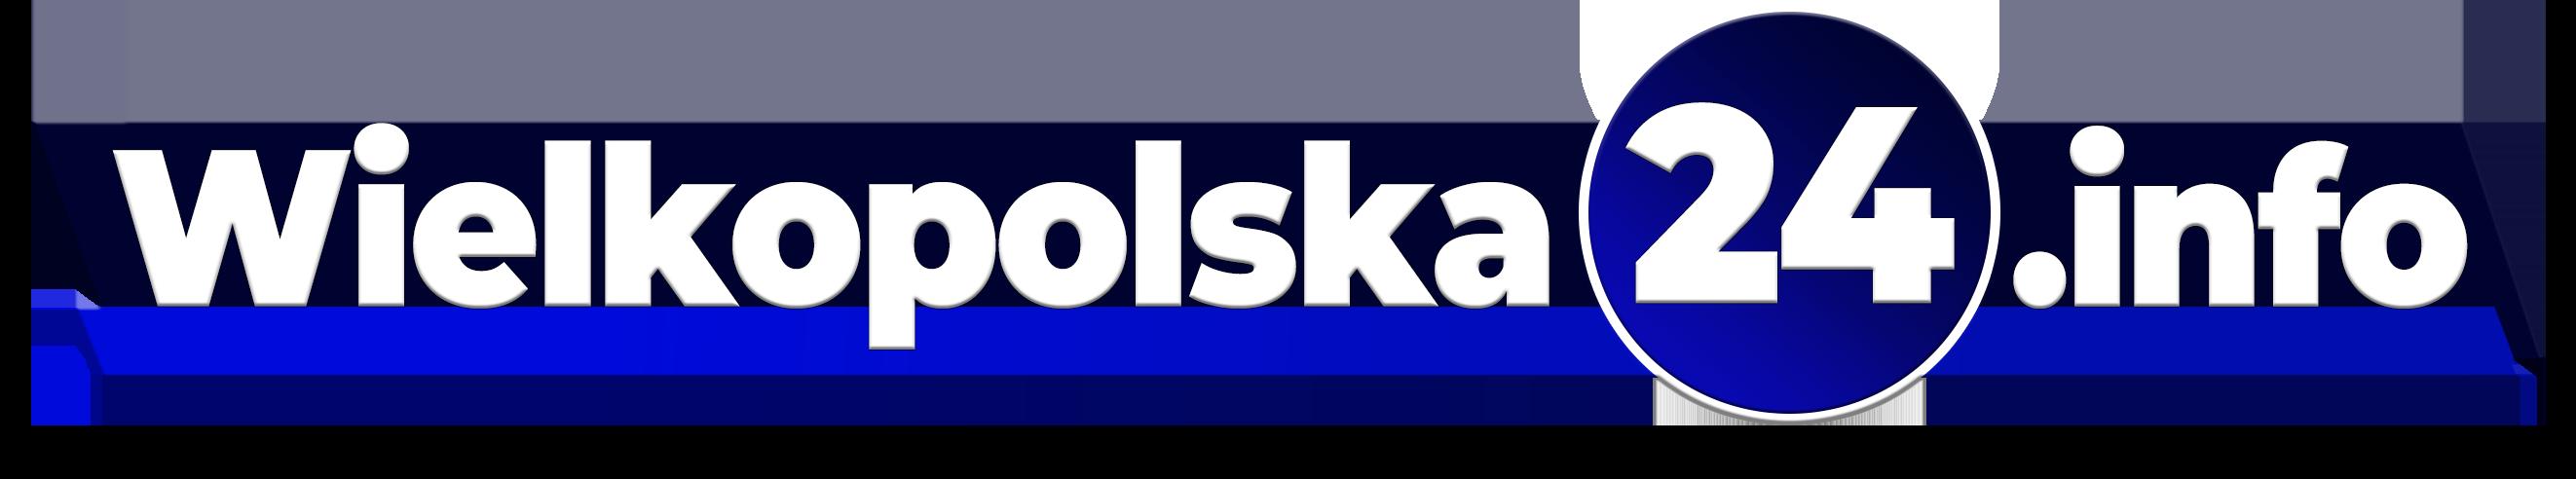 Wielkopolska24.info